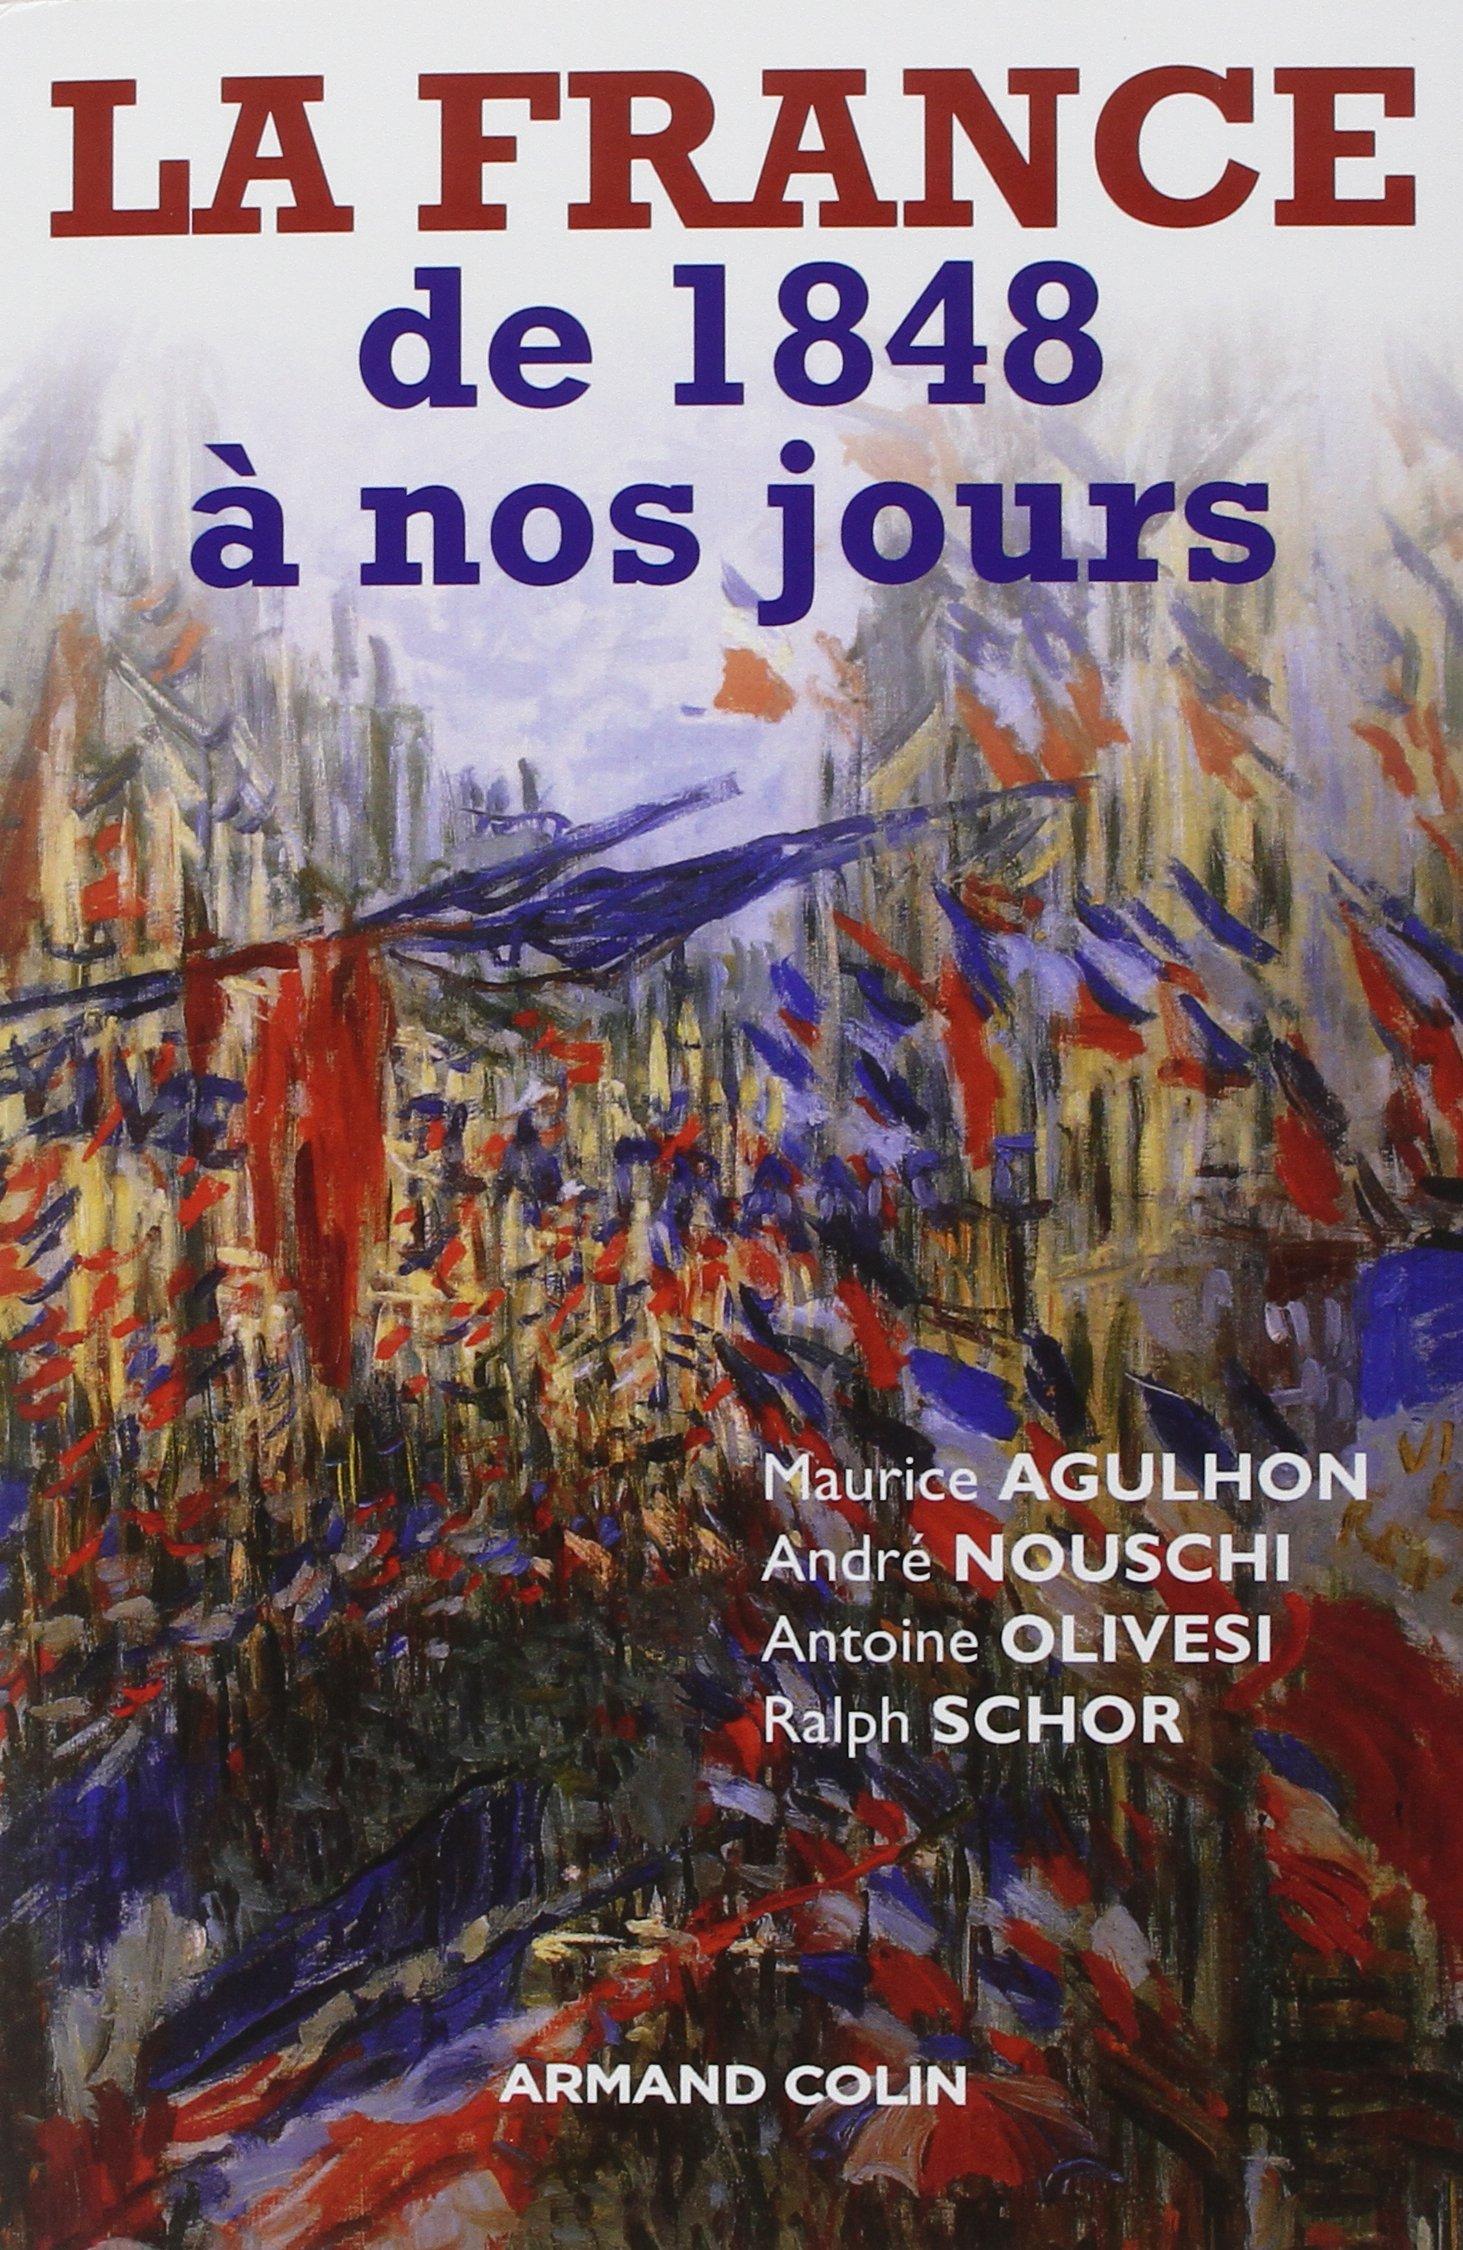 La France de 1848 à nos jours Broché – 16 janvier 2018 Maurice Agulhon André Nouschi Antoine Olivesi Ralph Schor